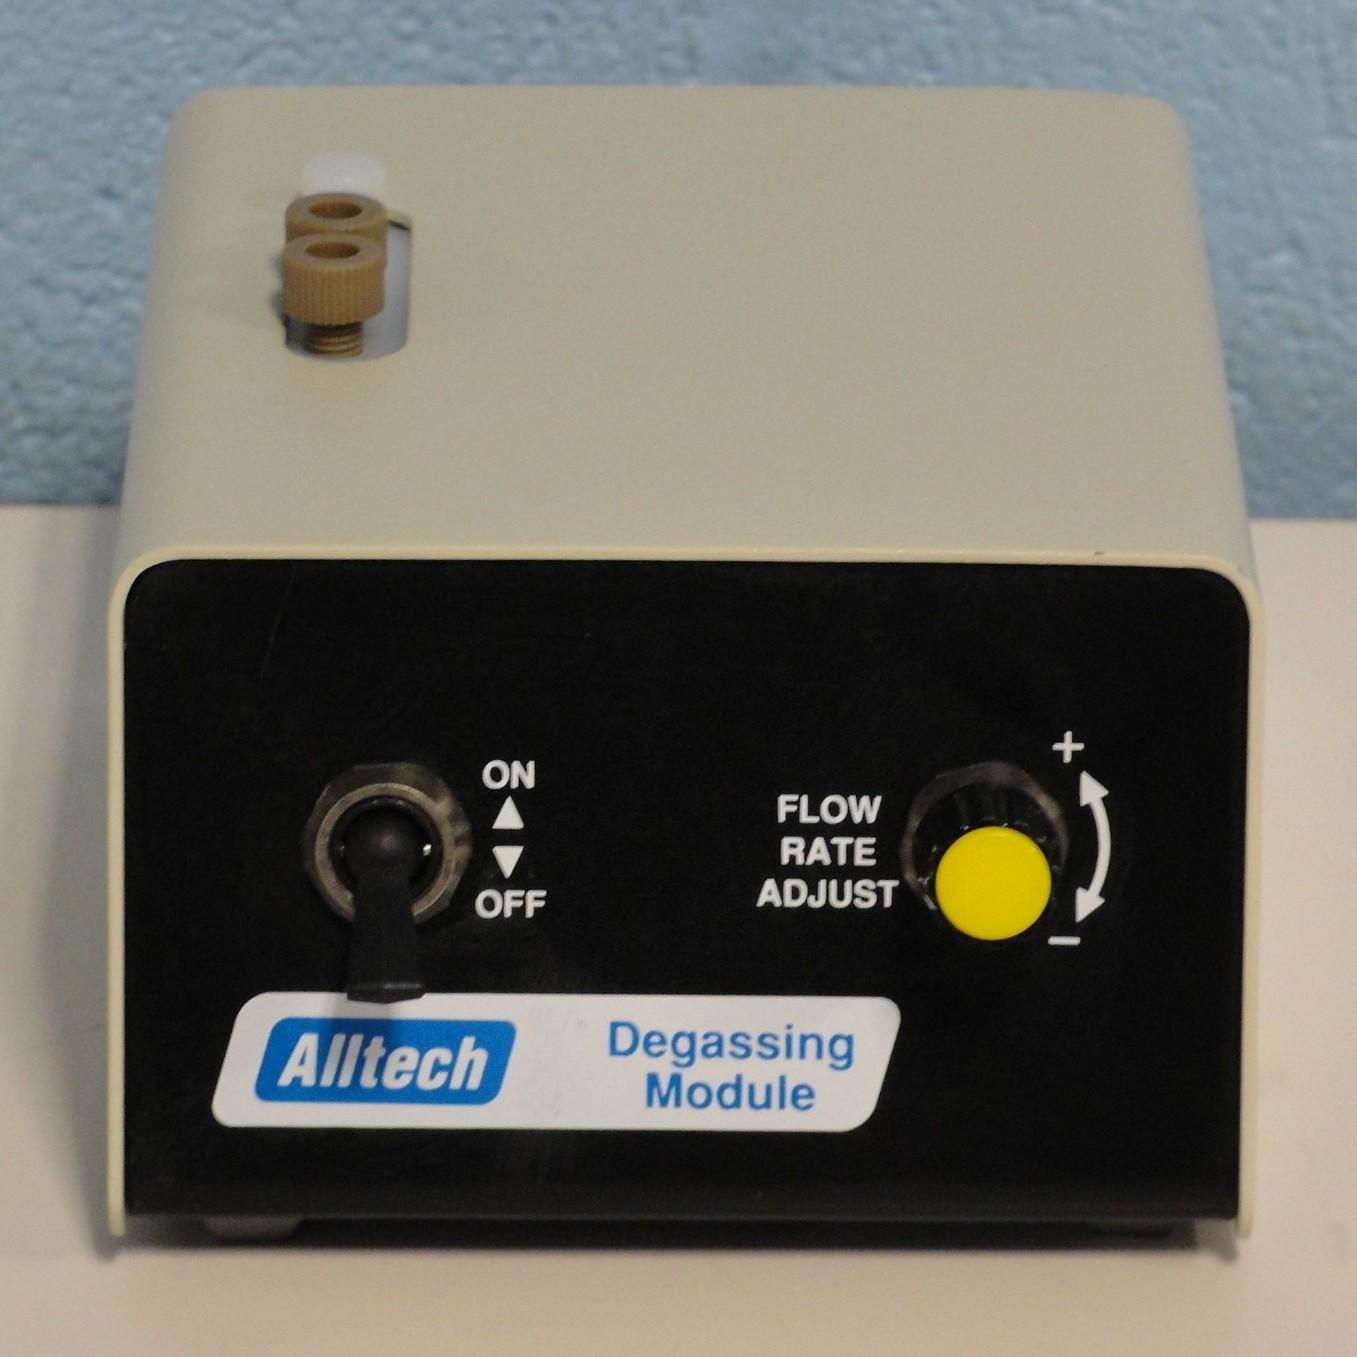 Alltech Degassing Module Image